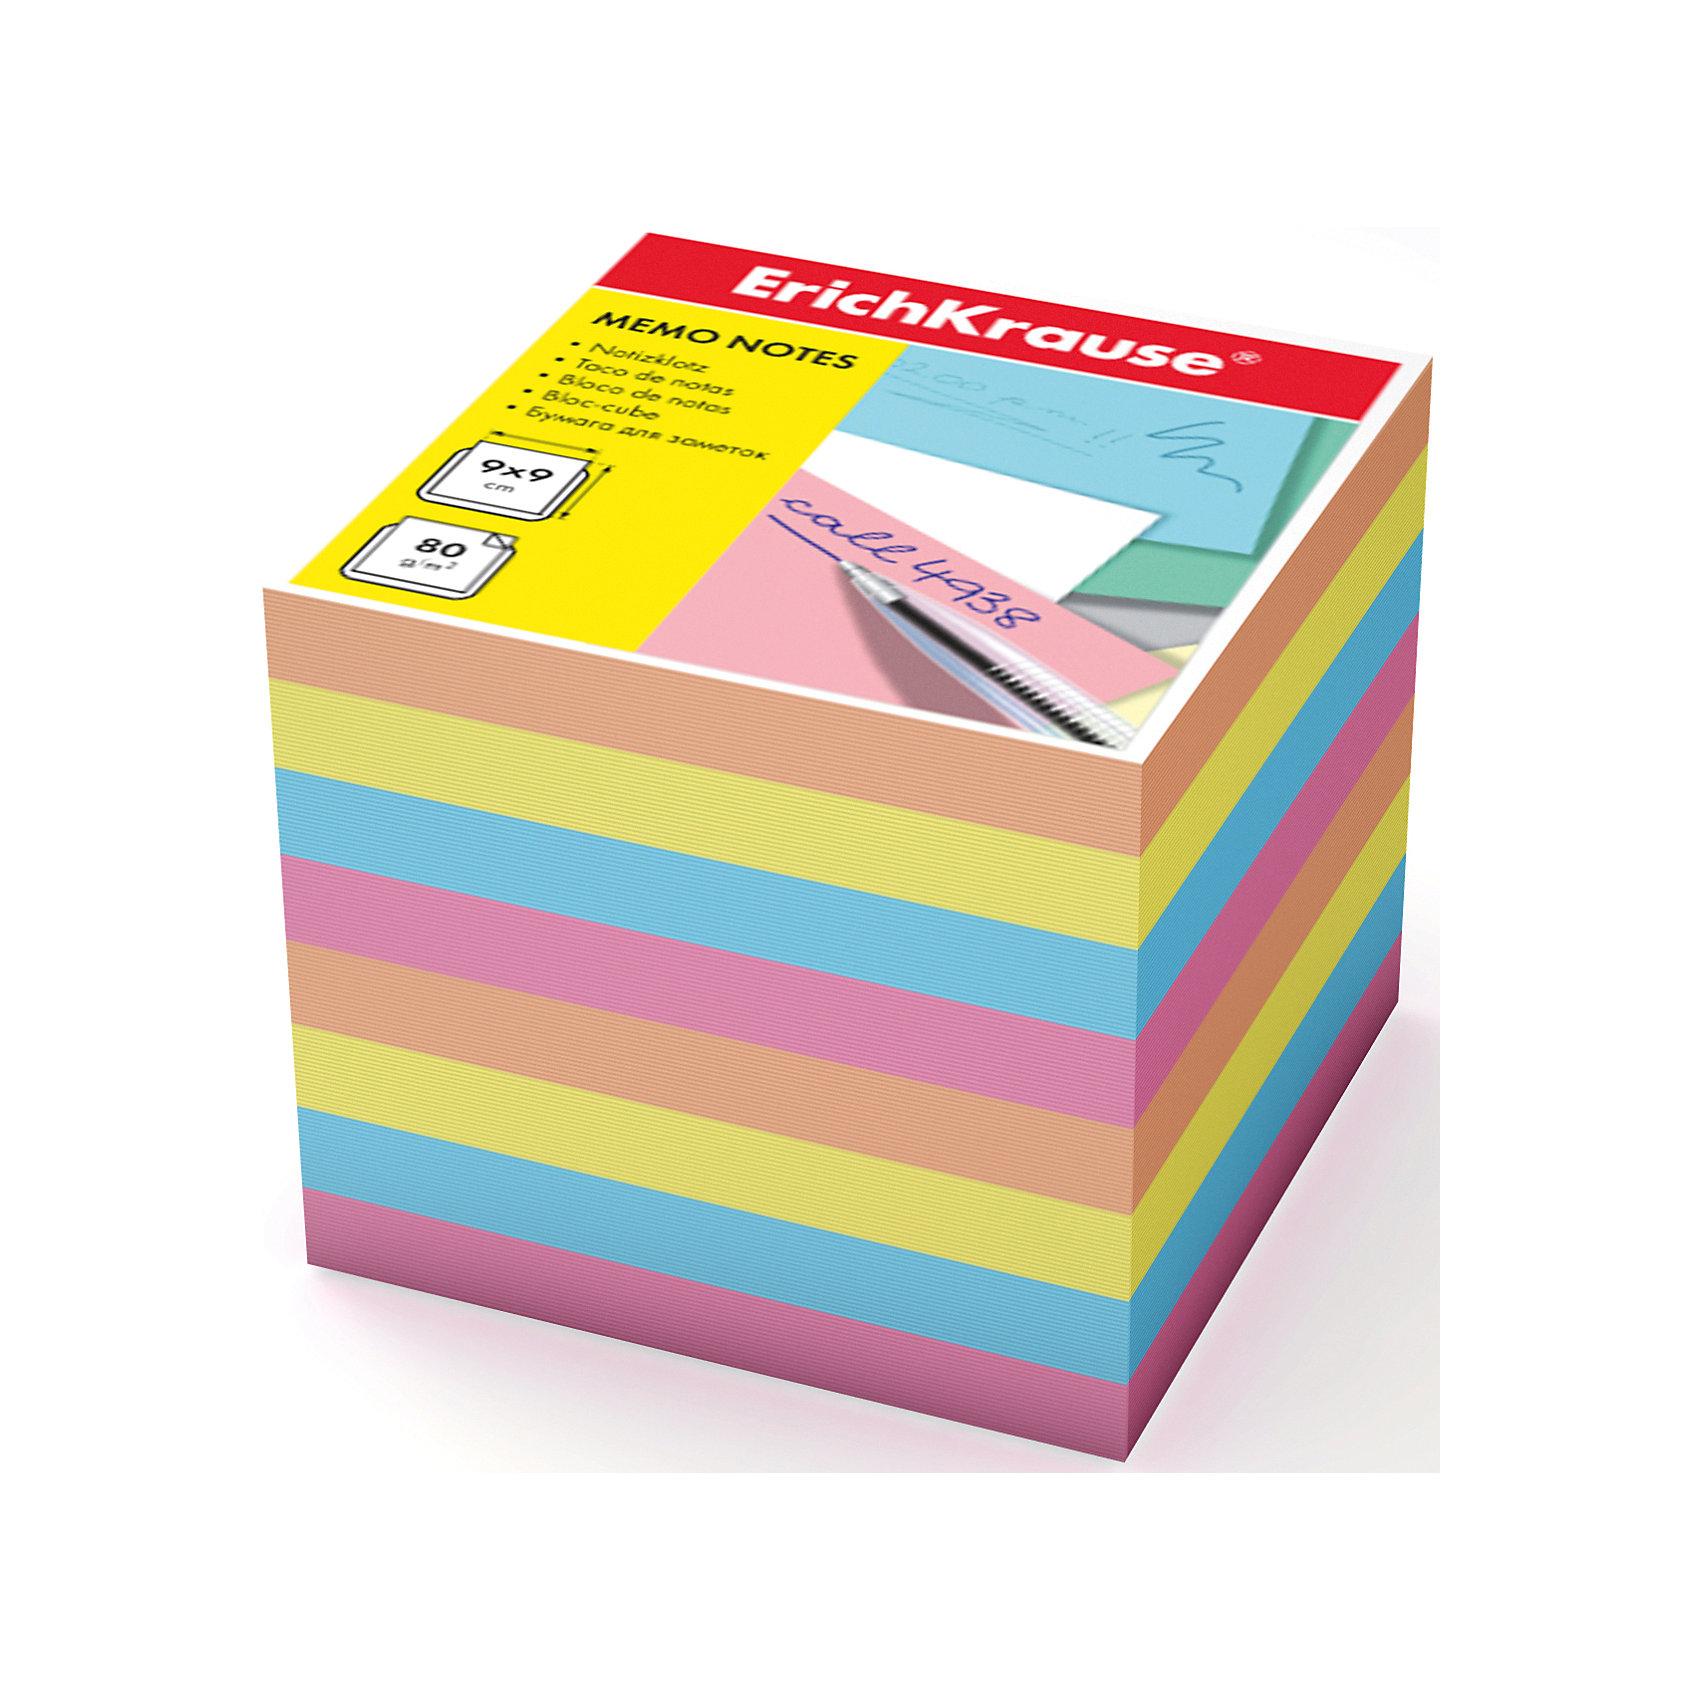 Erich Krause Бумага настольная 90*90*90 ммБумажная продукция<br>Бумага для заметок от Erich Krause - это возможность записать самую нужную информацию быстро, удобно и надёжно.Ведь сменные блоки, представленные нашей компанией в различной цветовой гамме, всегда под рукой!<br><br>Ширина мм: 90<br>Глубина мм: 90<br>Высота мм: 90<br>Вес г: 510<br>Возраст от месяцев: 144<br>Возраст до месяцев: 2147483647<br>Пол: Унисекс<br>Возраст: Детский<br>SKU: 6878807